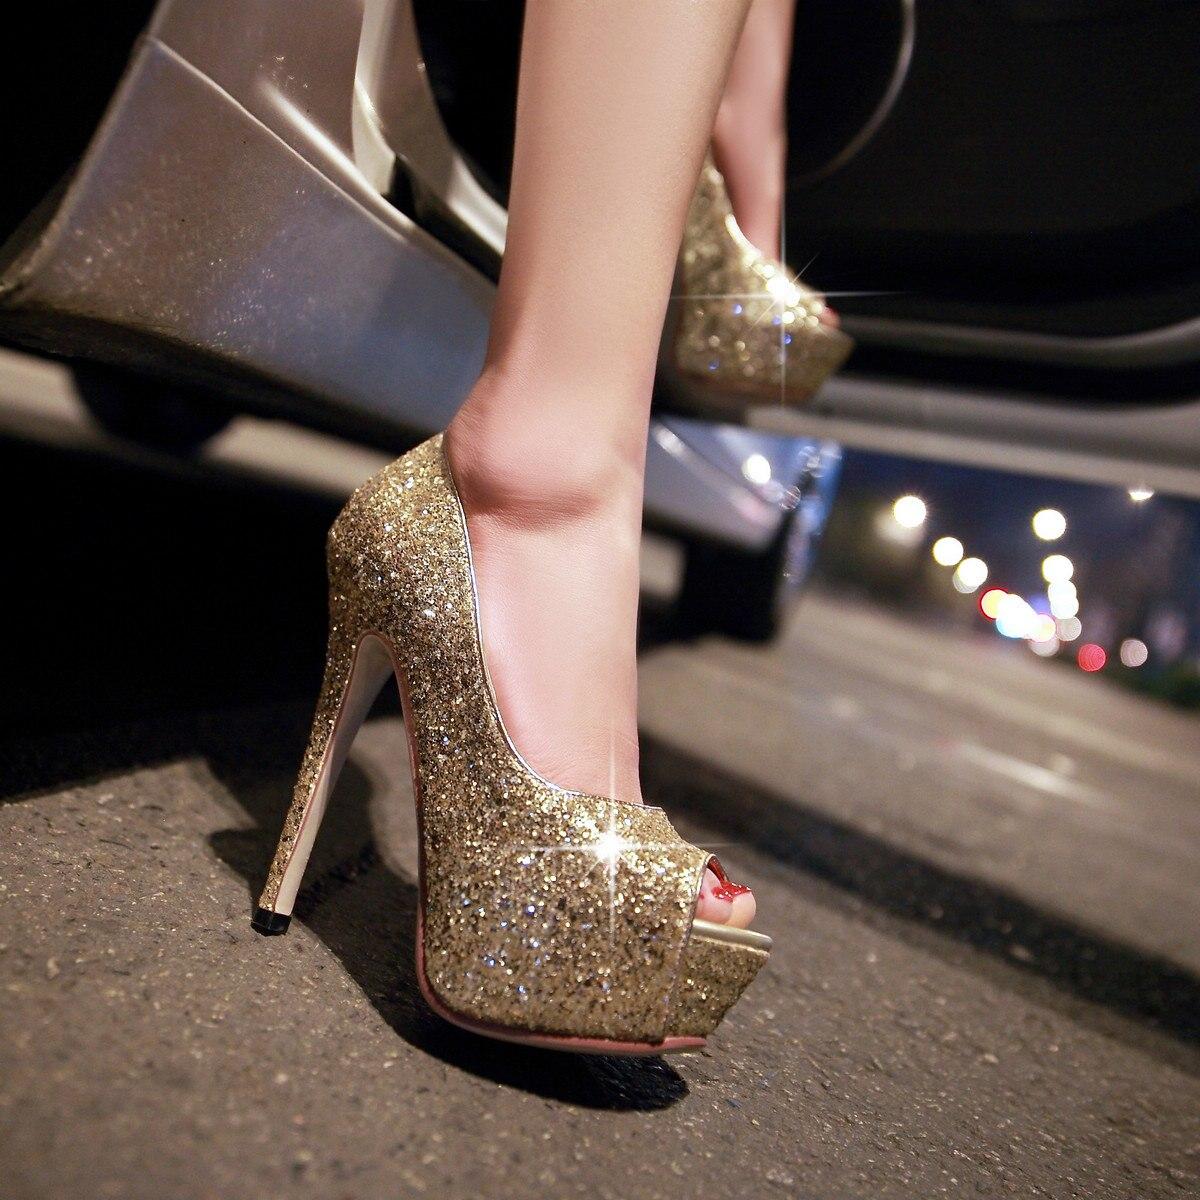 À Chaussures Taille Décontracté Semelles Bling 43 Dames Grande Toe Hauts Noir argent Pompes Partie Ol Printemps Nouvelle Peep 32 Sexy Talons blanc or Femme Bonjomarisa De Soirée Compensées EOaxP7wqW